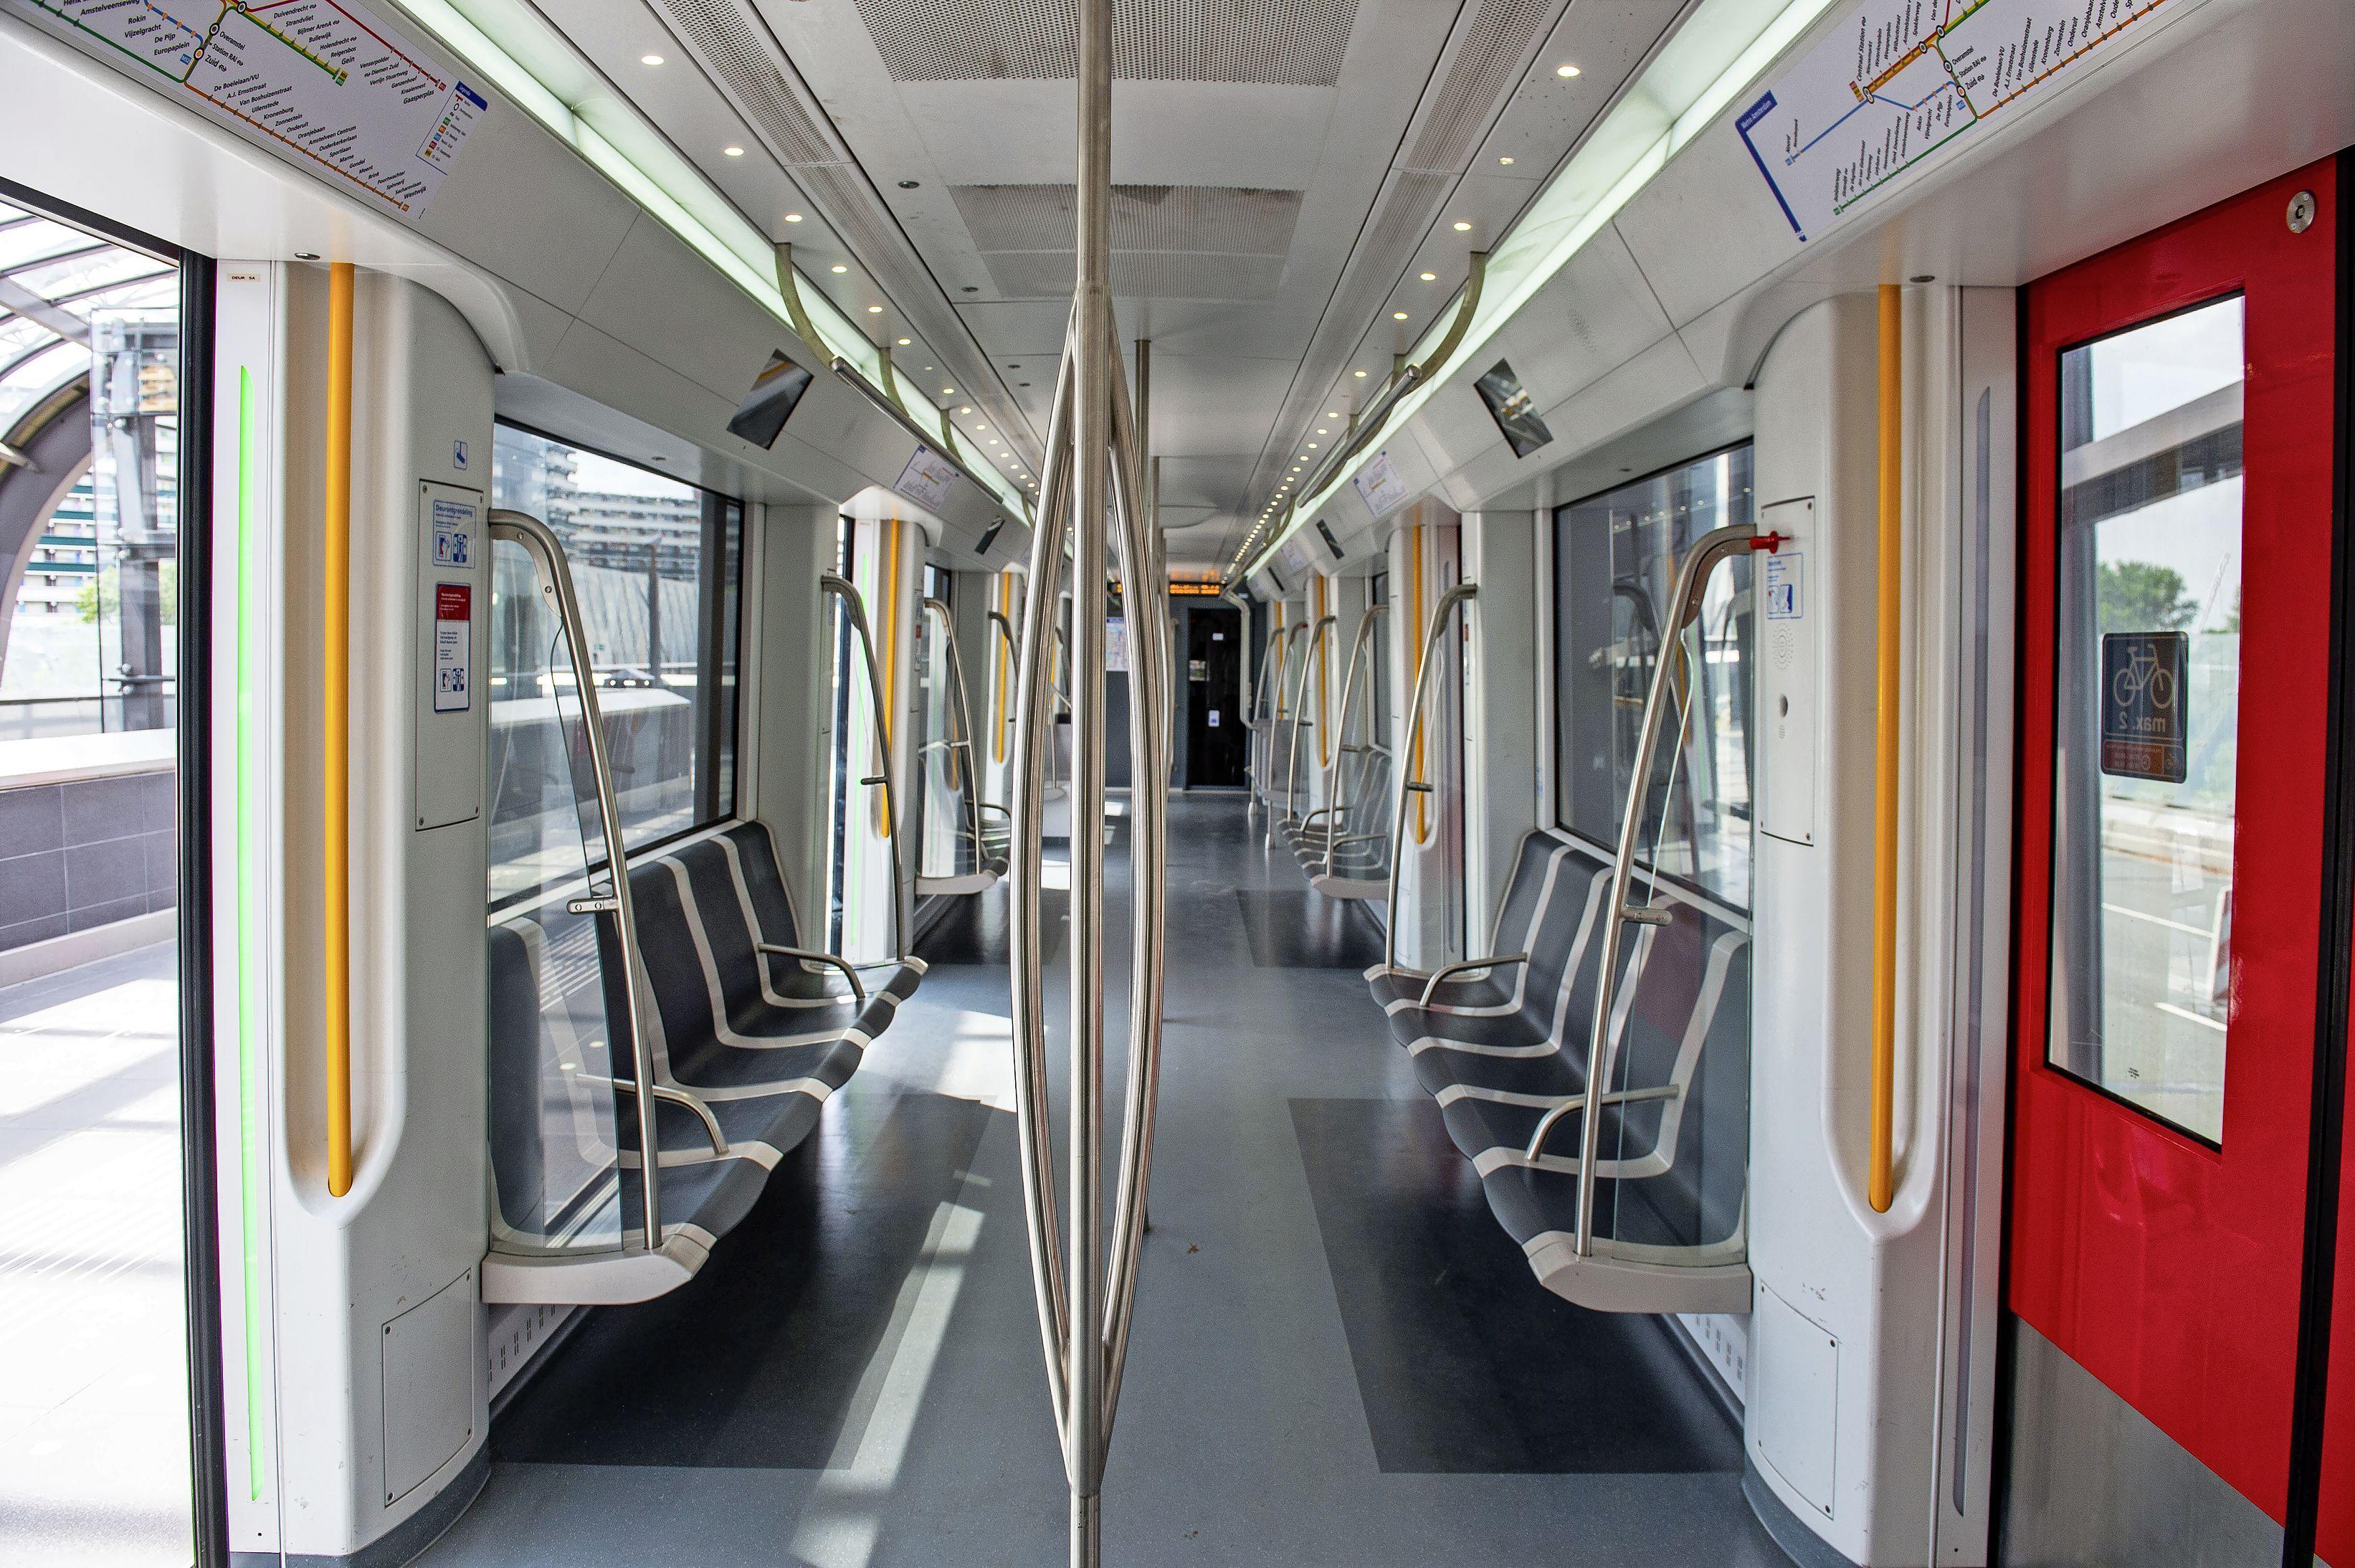 De metro komt niet naar Hoofddorp omdat het zo'n interessante groeistad is. Amsterdam heeft enkel een opstelplaats nodig | Opinie